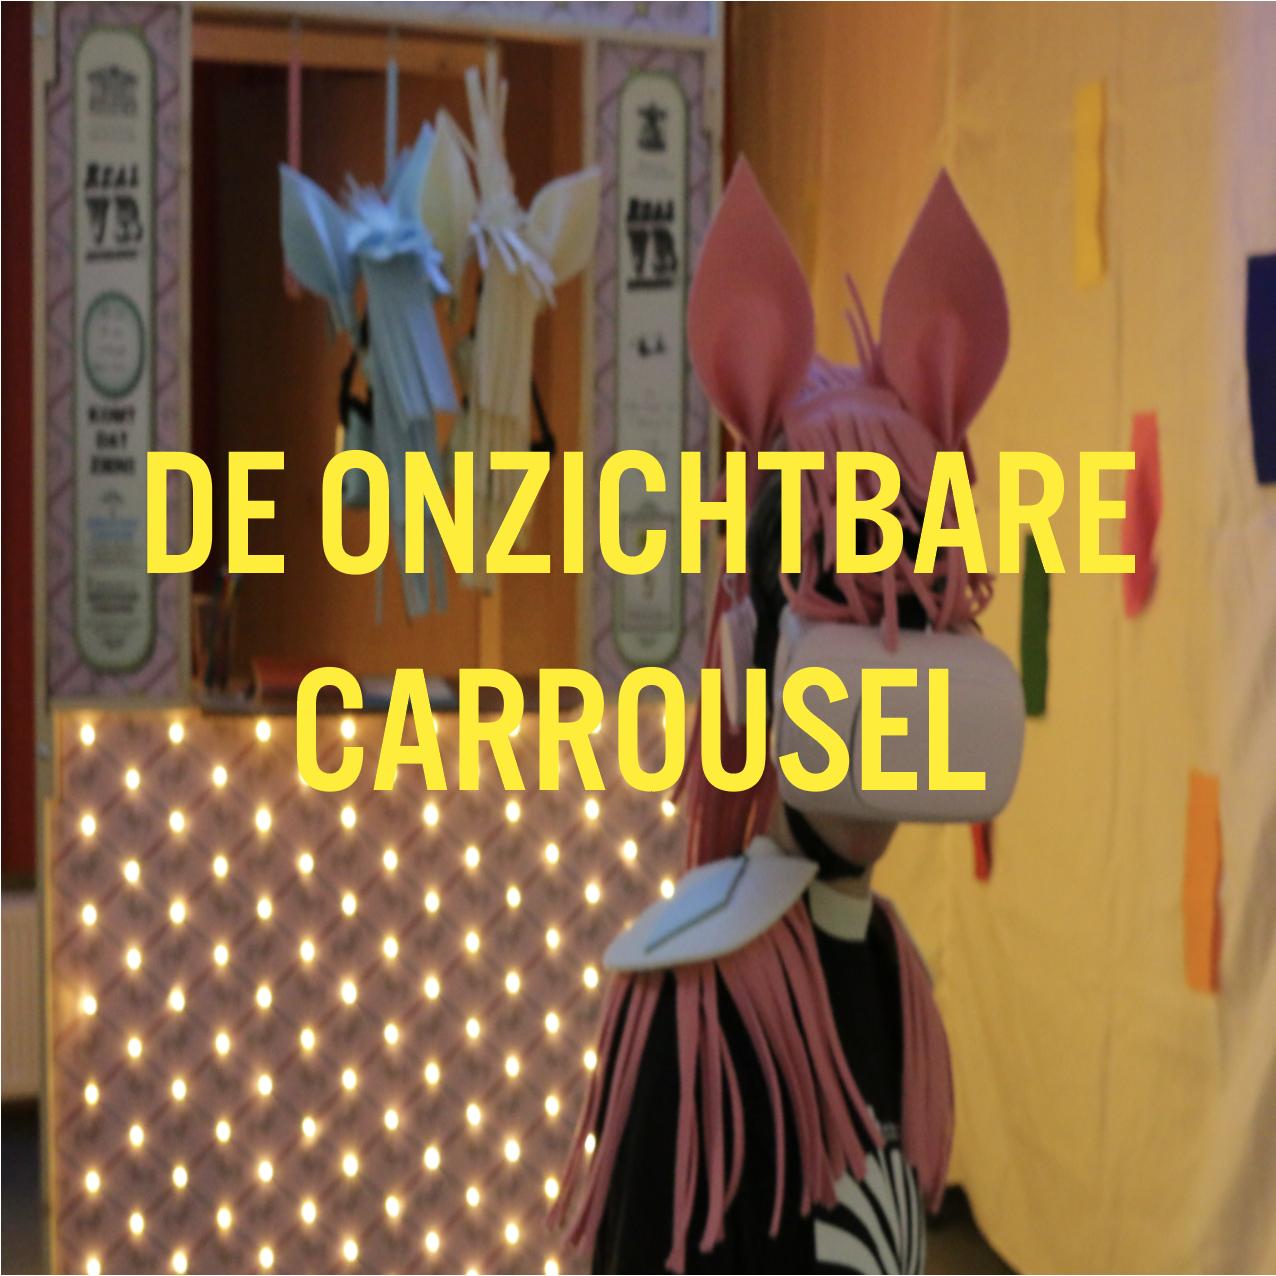 De Onzichtbare Carrousel.png